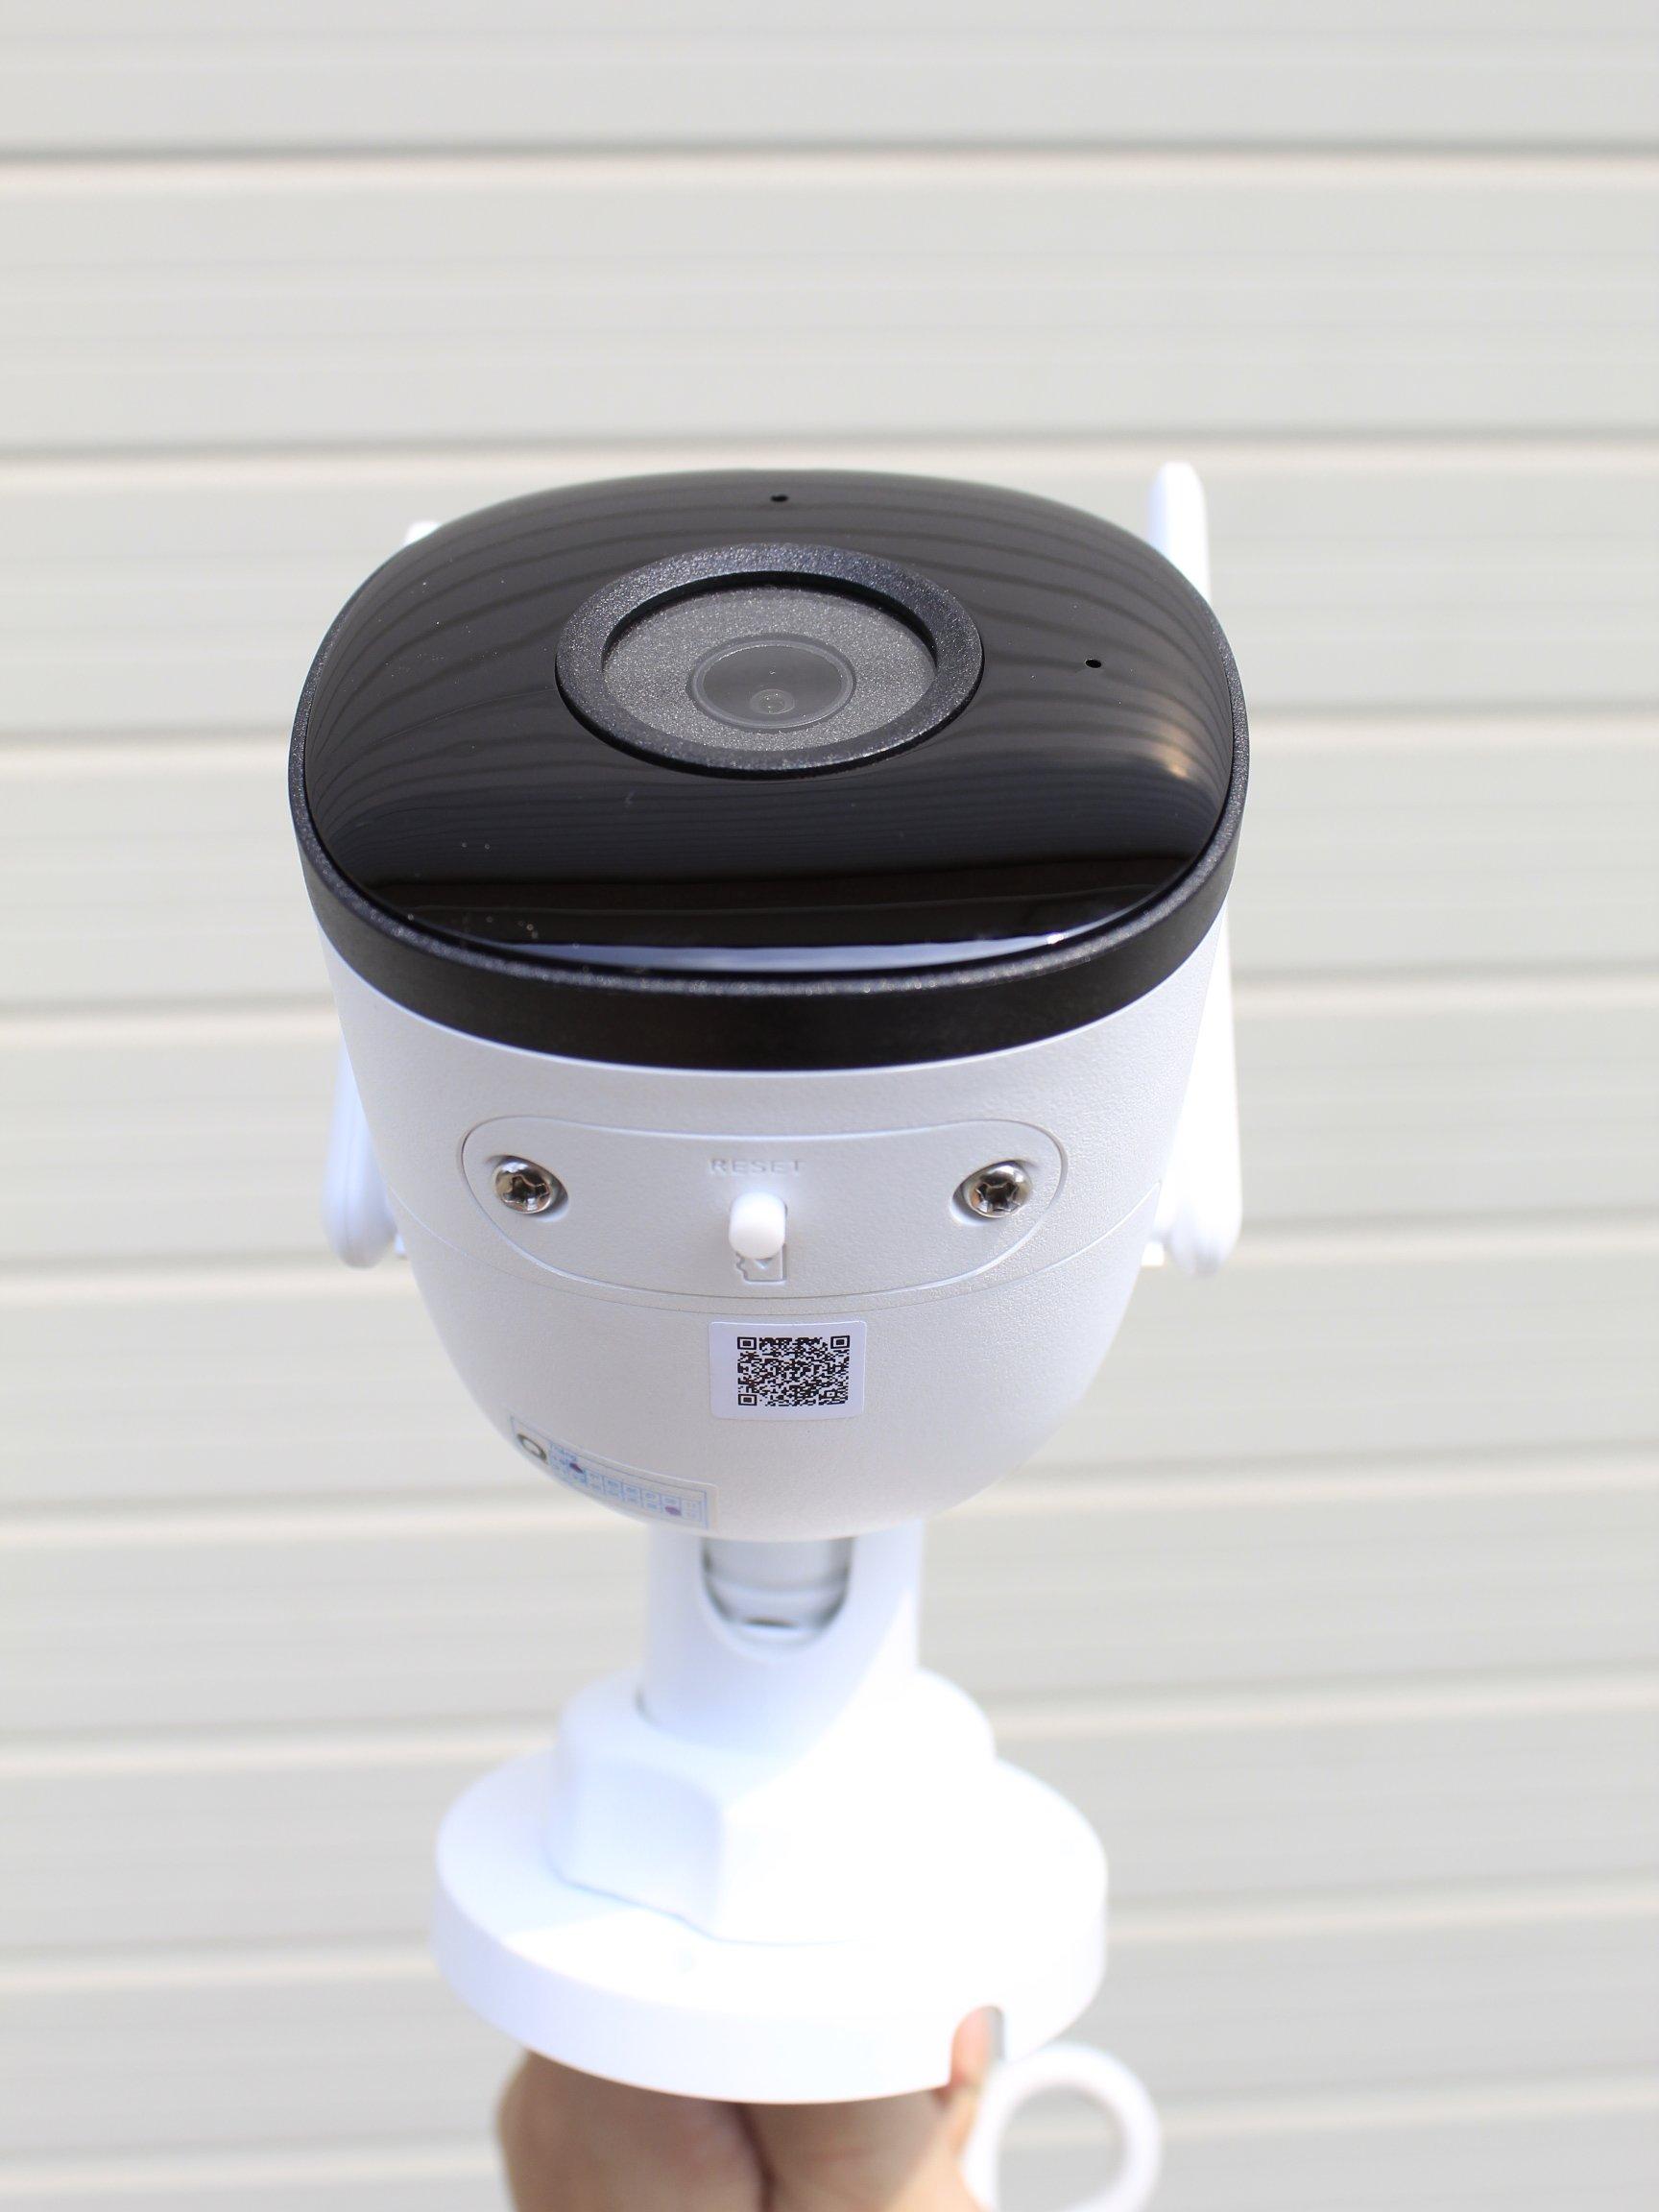 Camera IP Wifi KBONE KN-2011WN 2.0MP Full HD 1080P - Hàng Chính Hãng